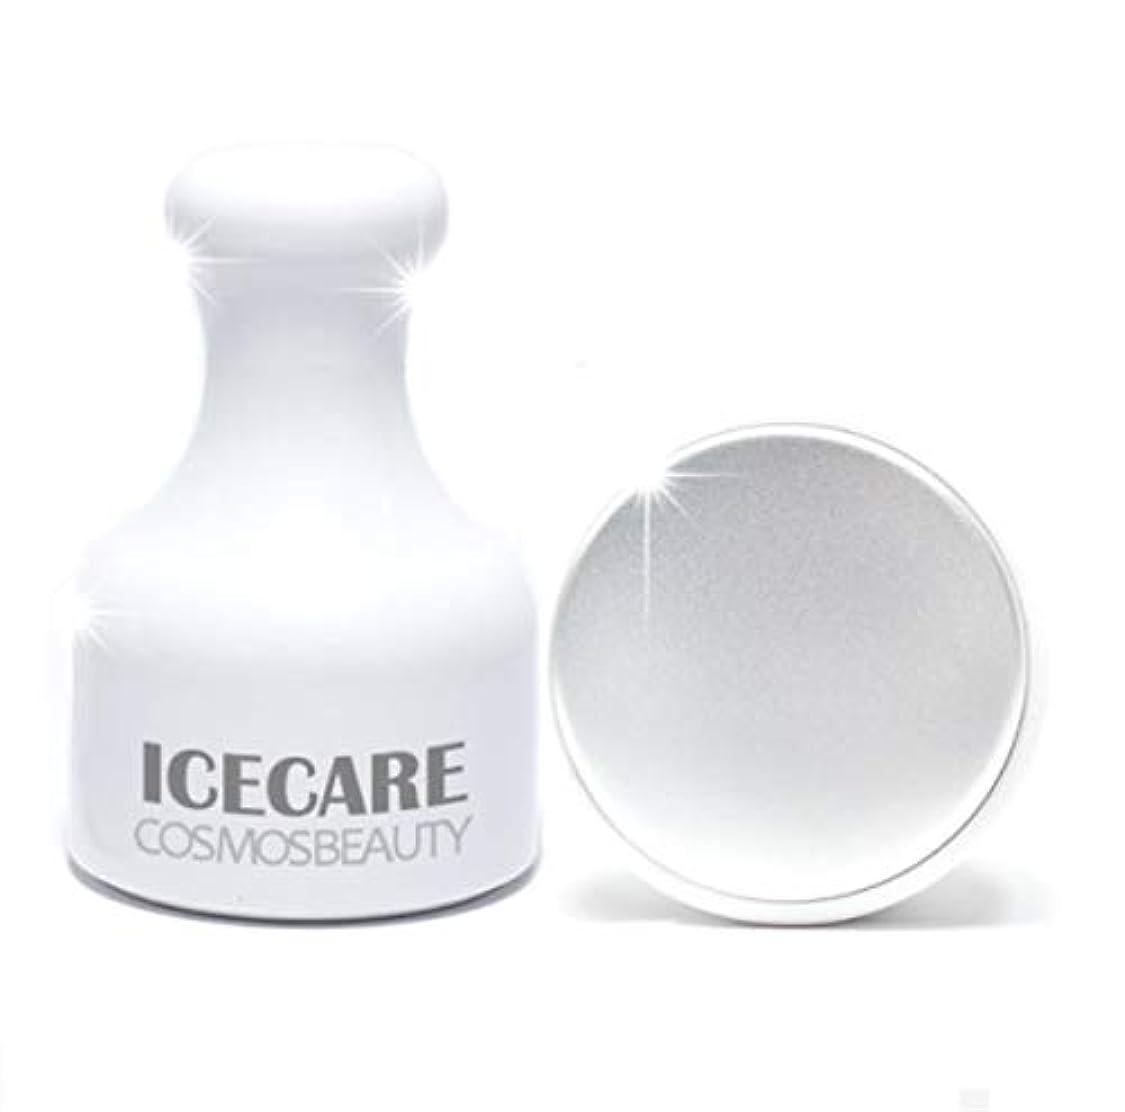 カードローマ人気づかないCosmosbeauty Ice Care 毛穴ケア、冷マッサージ,フェイスクーラーアイスローラーフェイスローラー顔マッサージ機構の腫れ抜き方法毛穴縮小(海外直送品)